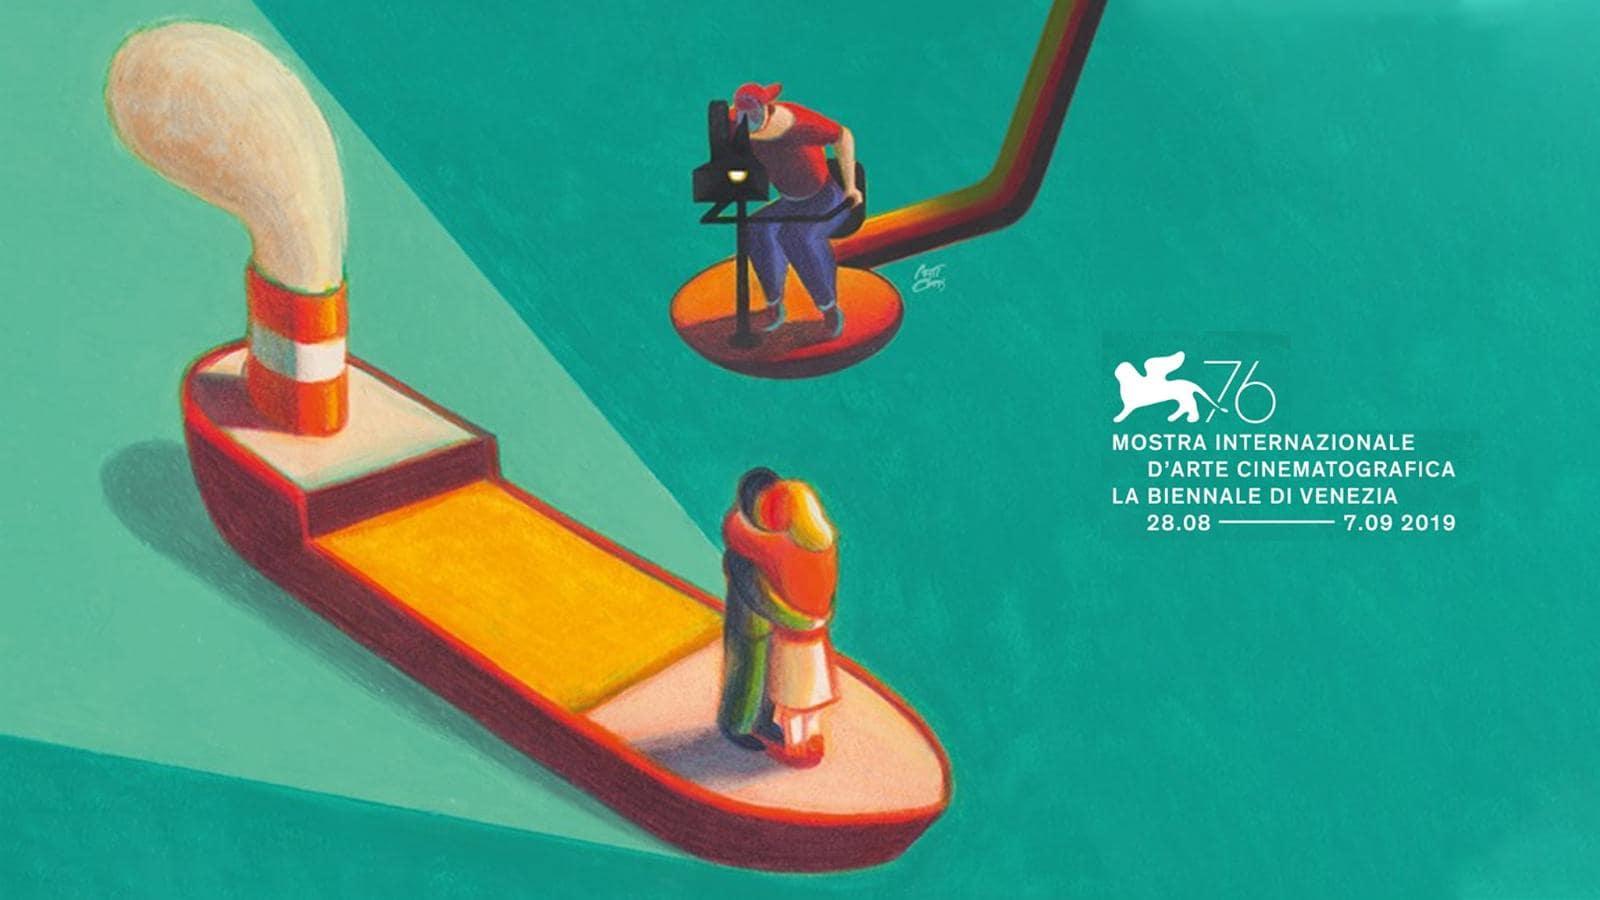 giurie festival del cinema di venezia mostra cinema veneto cinema ilaria rebecchi venezia 76 venezia76